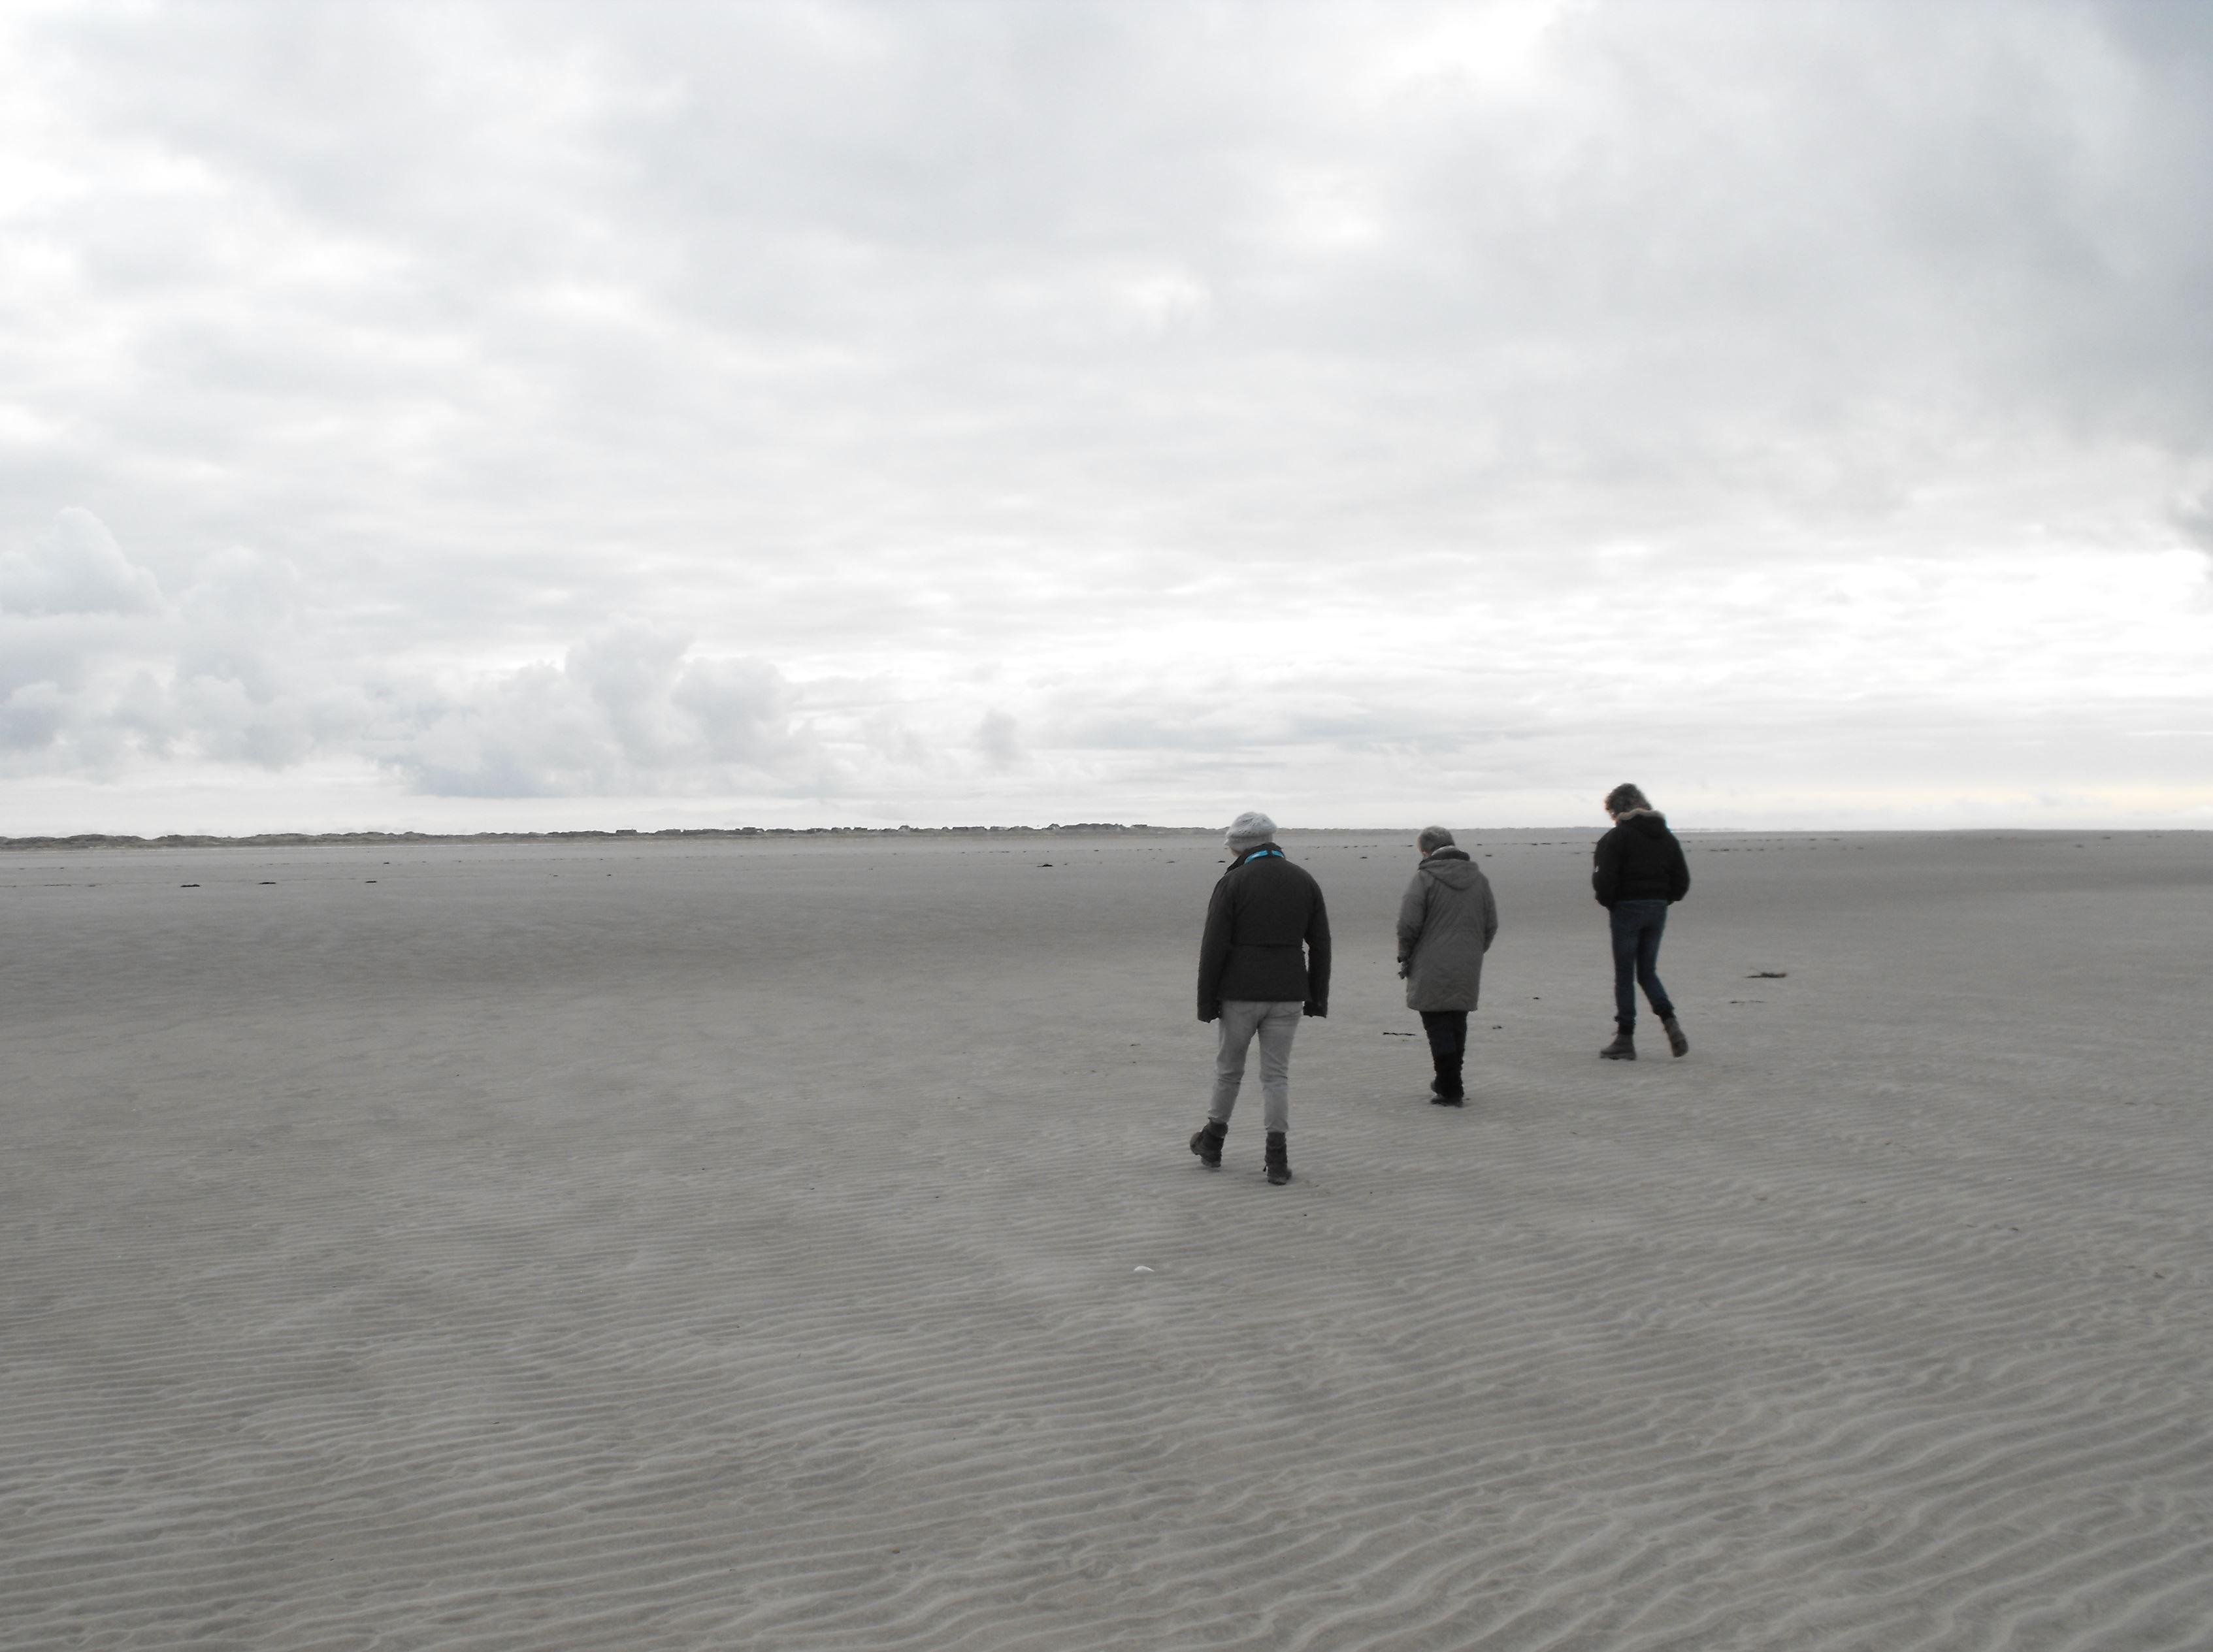 Søren Jessen Sand by Strandskaden